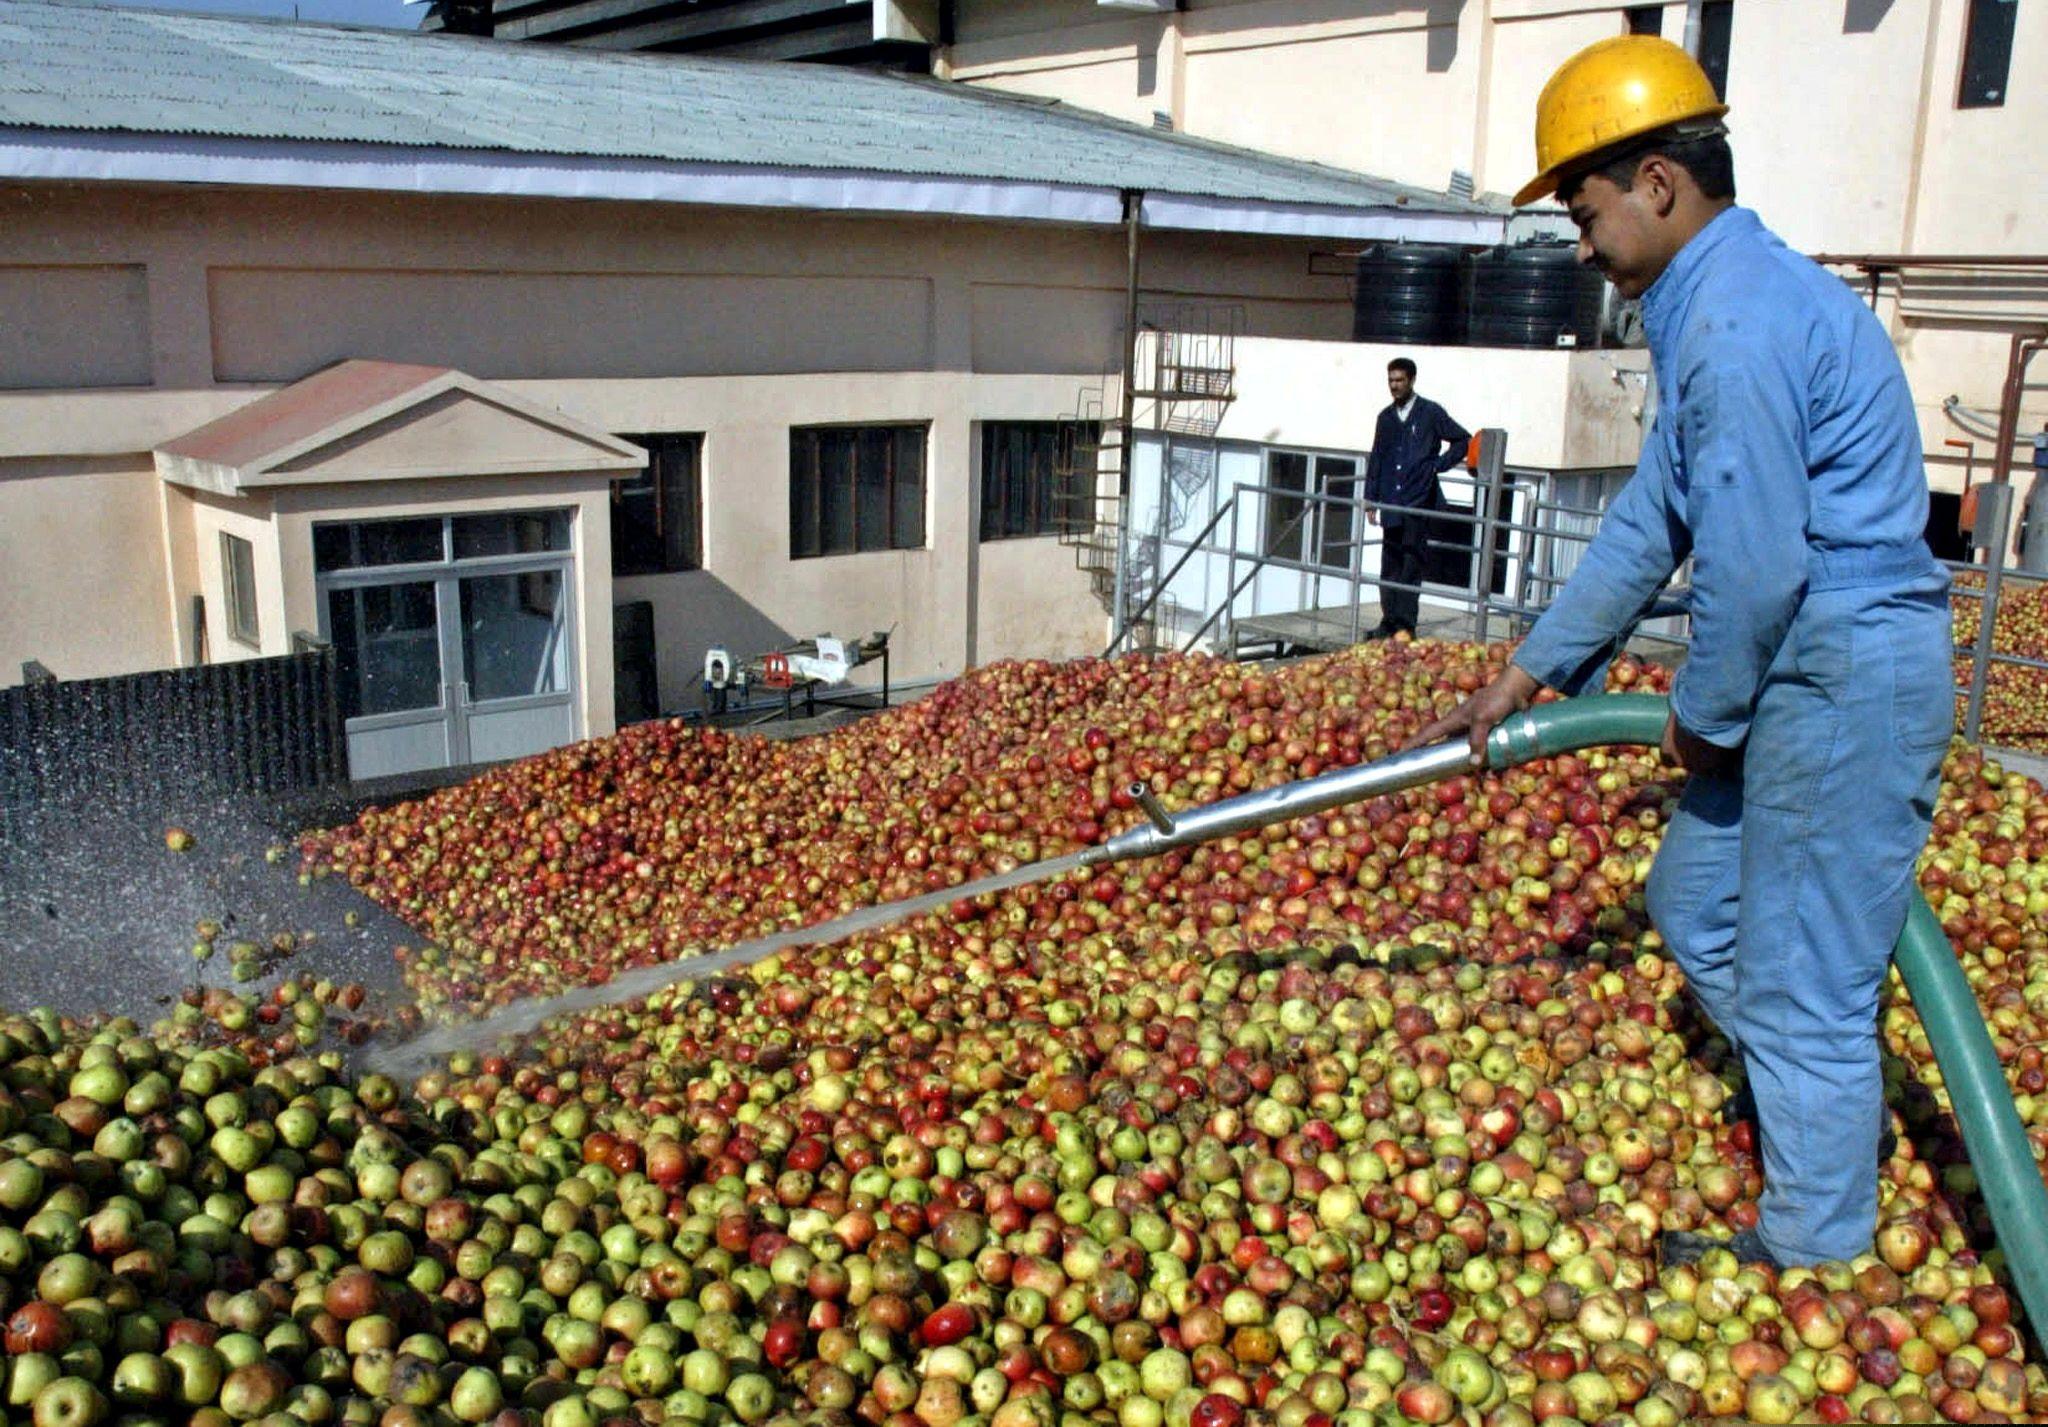 Apple washing